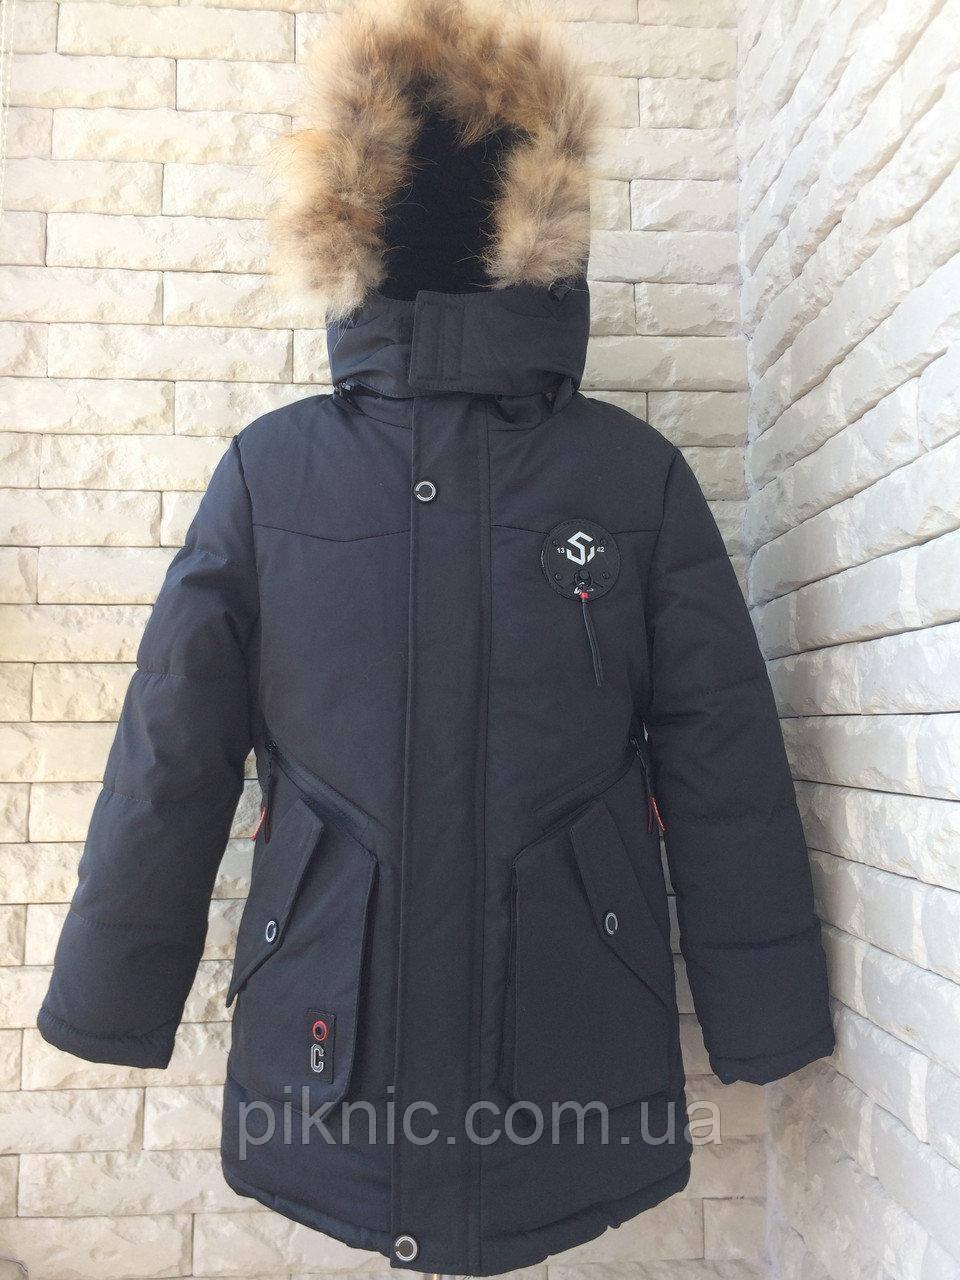 Куртка зимняя на мальчика, возраст 5-10 лет.